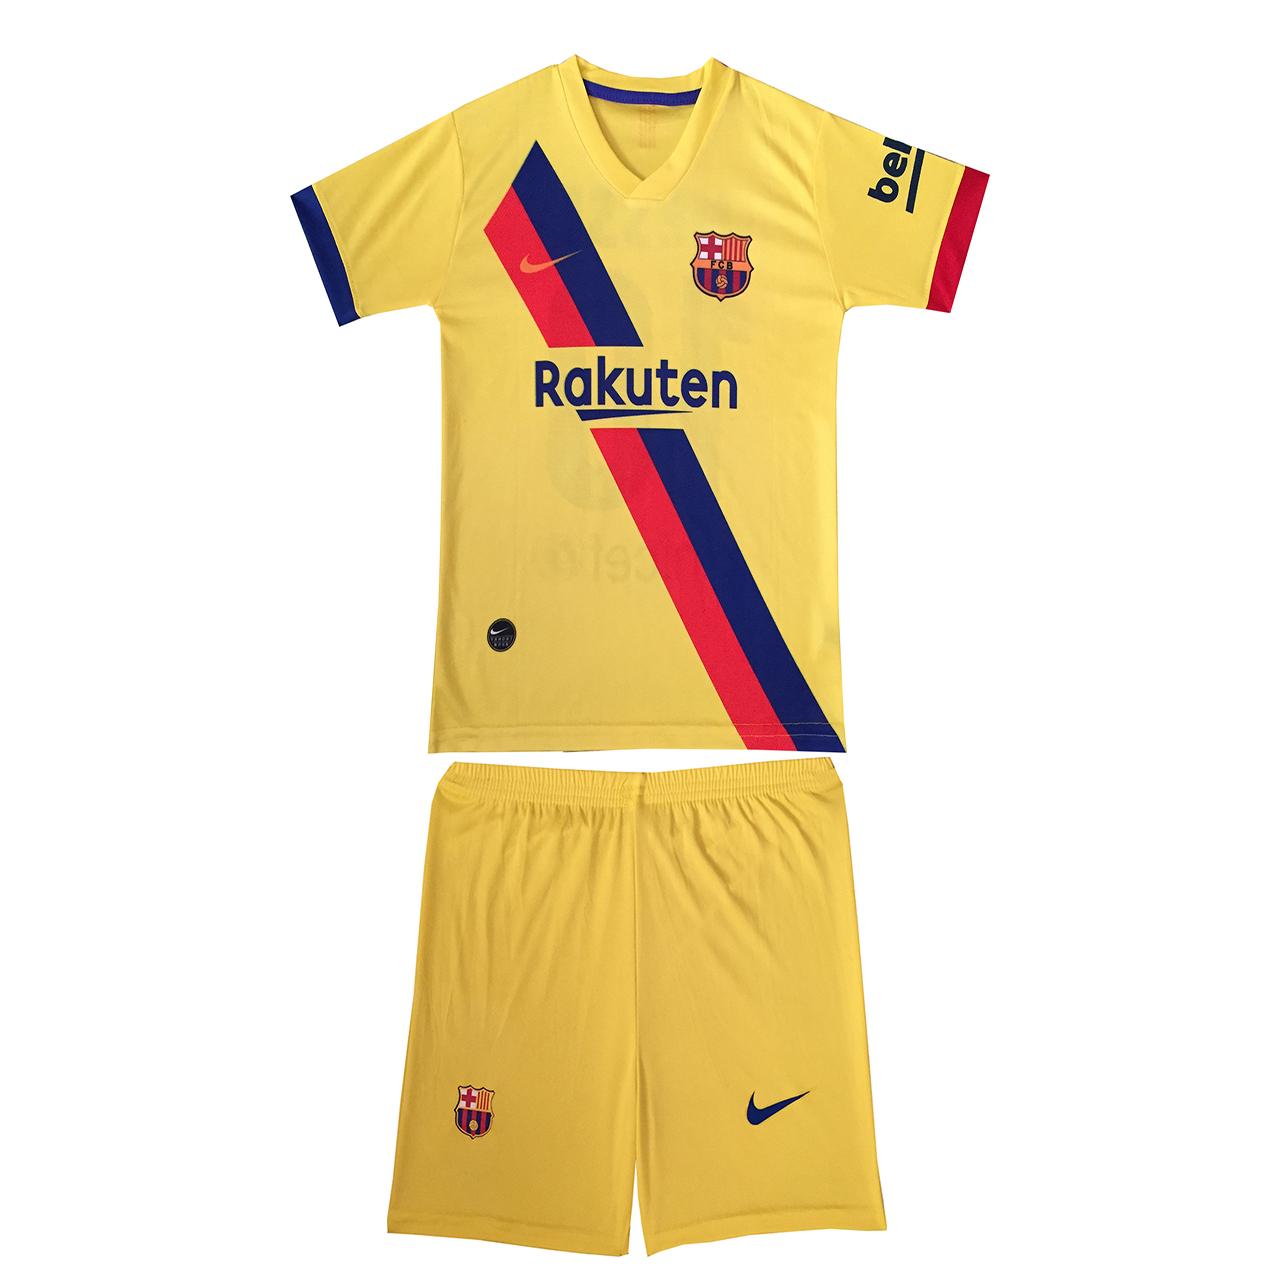 ست پیراهن و شورت ورزشی پسرانه طرح بارسلونا MEssi کد 9